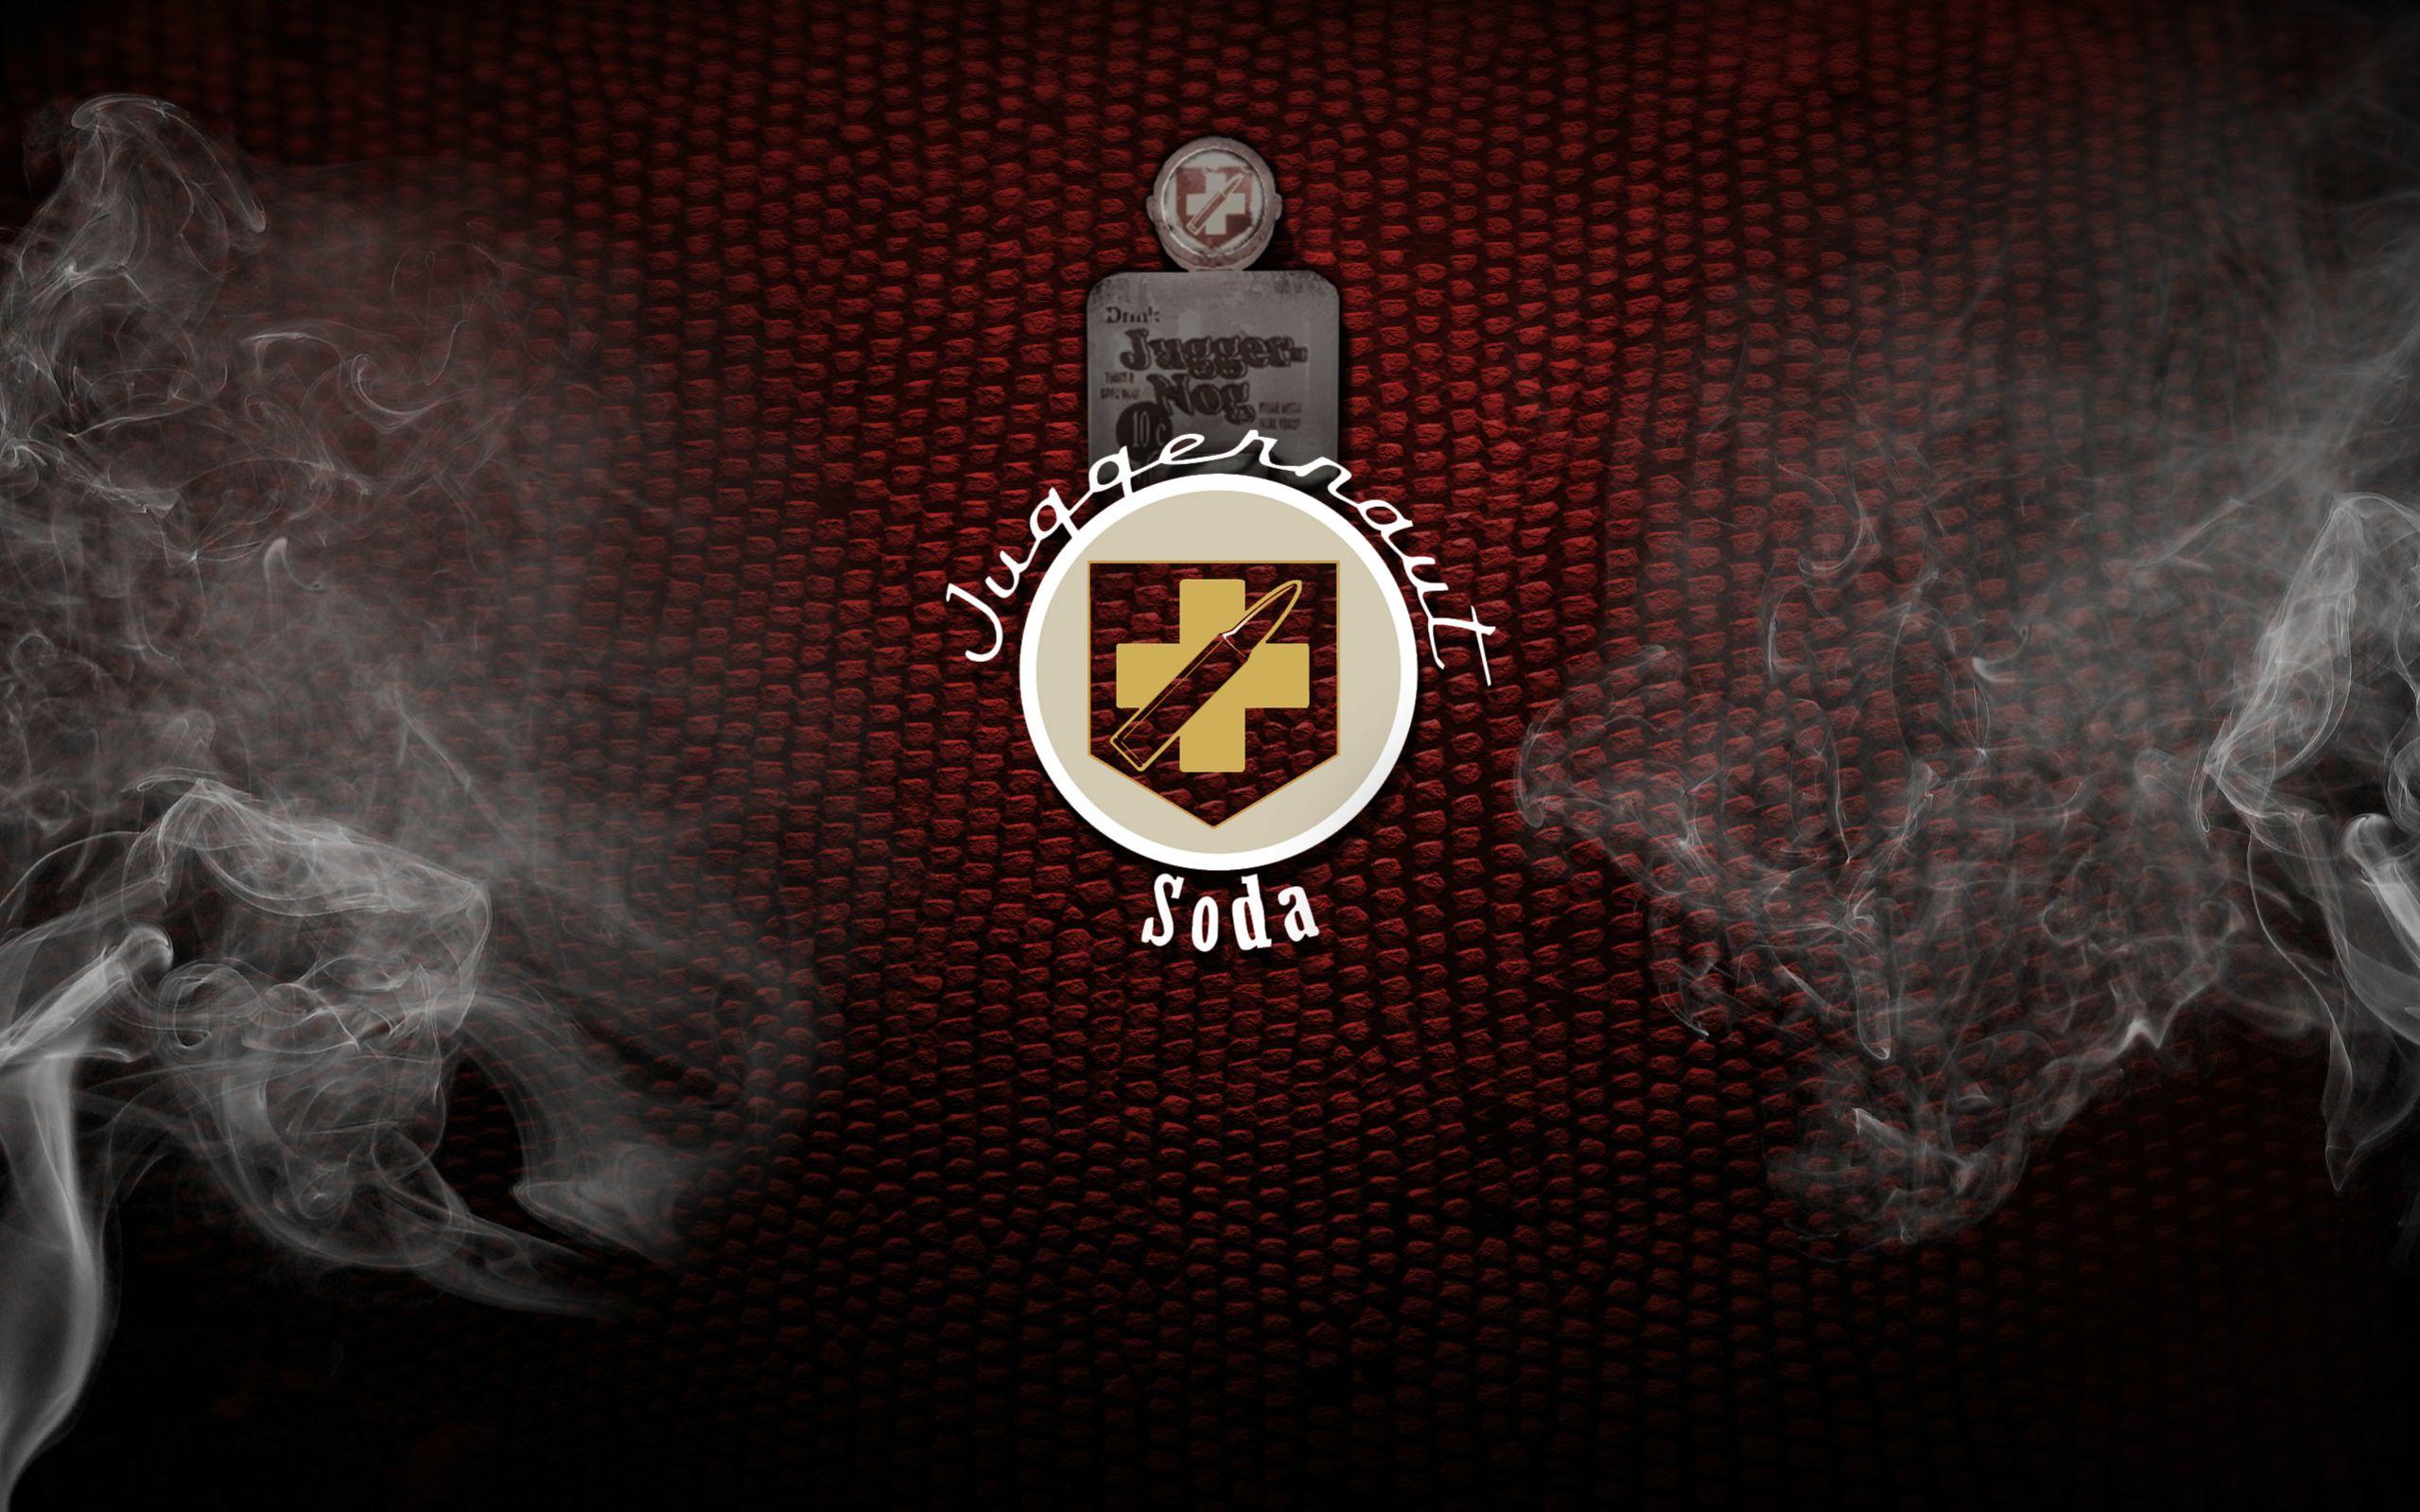 Call Og Duty Zombies Juggernog Wallpaper Backgrounds 2559x1599